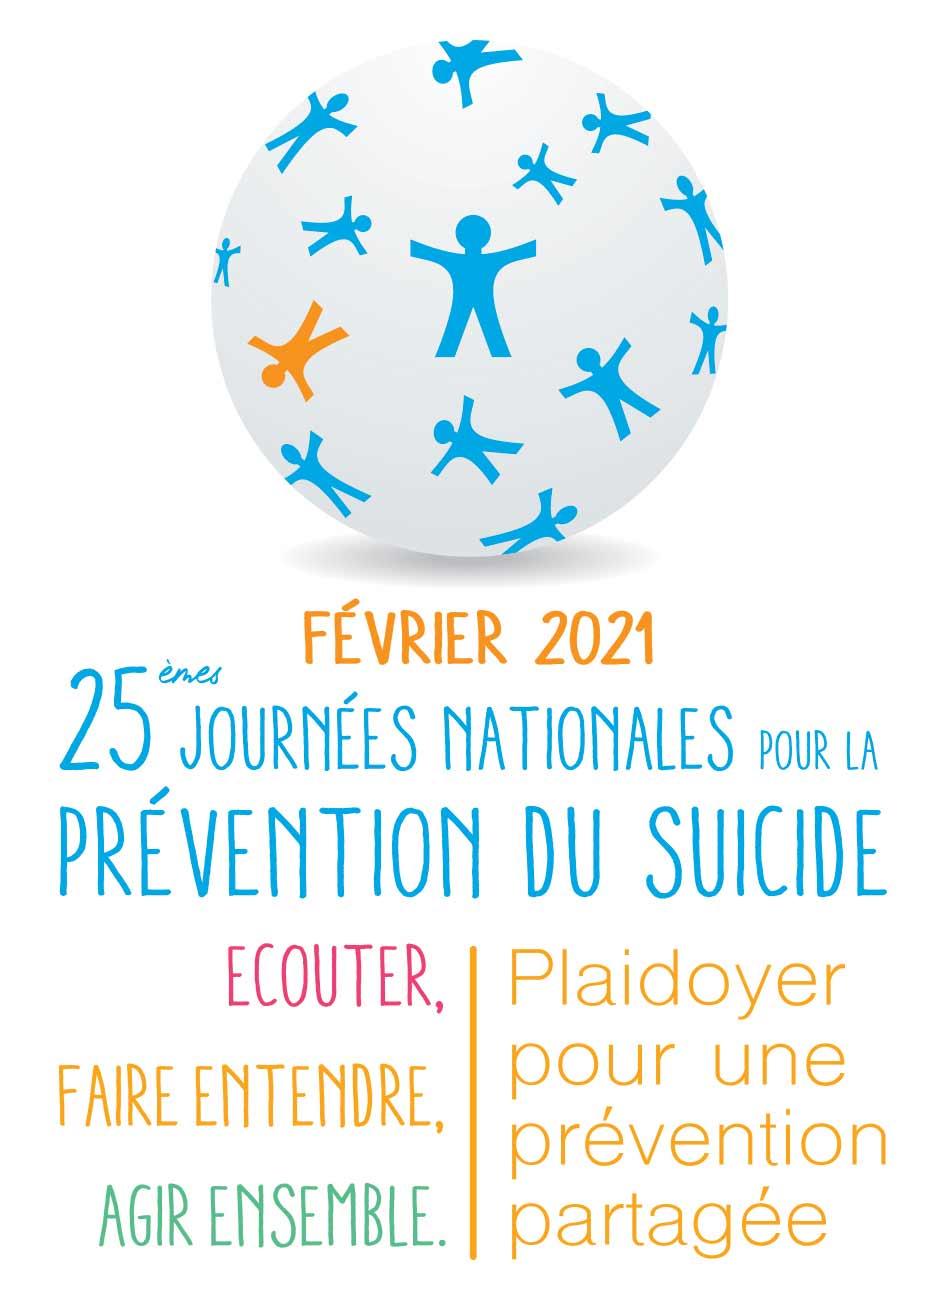 25e journées nationales pour la prévention du suicide - Février 2021 - France